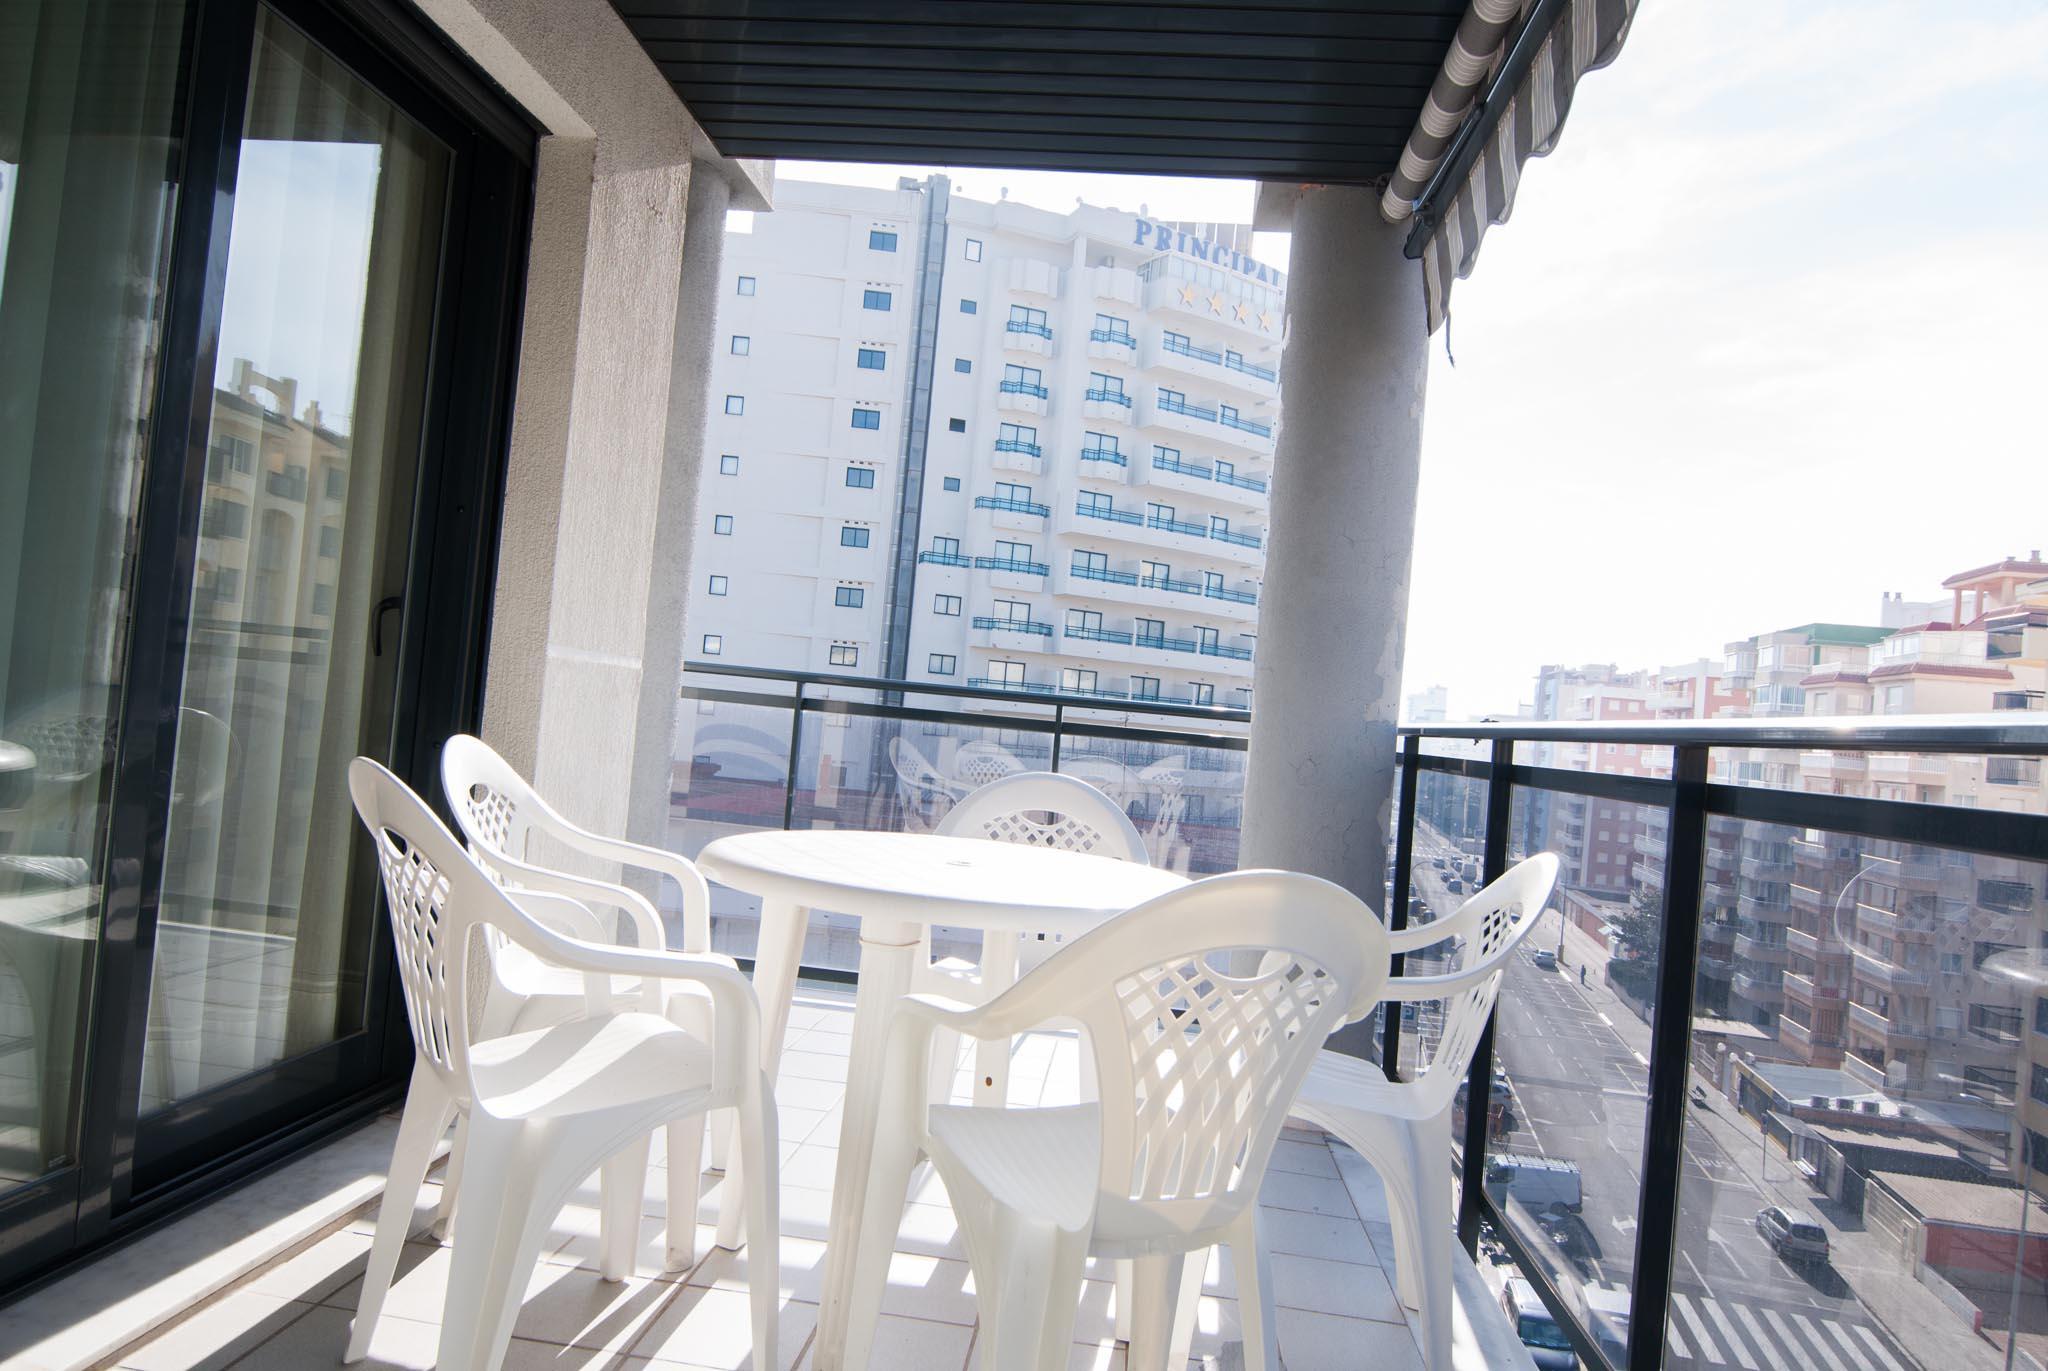 Apartamento en alquiler lomas de los mangos valencia. Alquiler de apartamento en Gandía, Valencia - Alquiler de ...